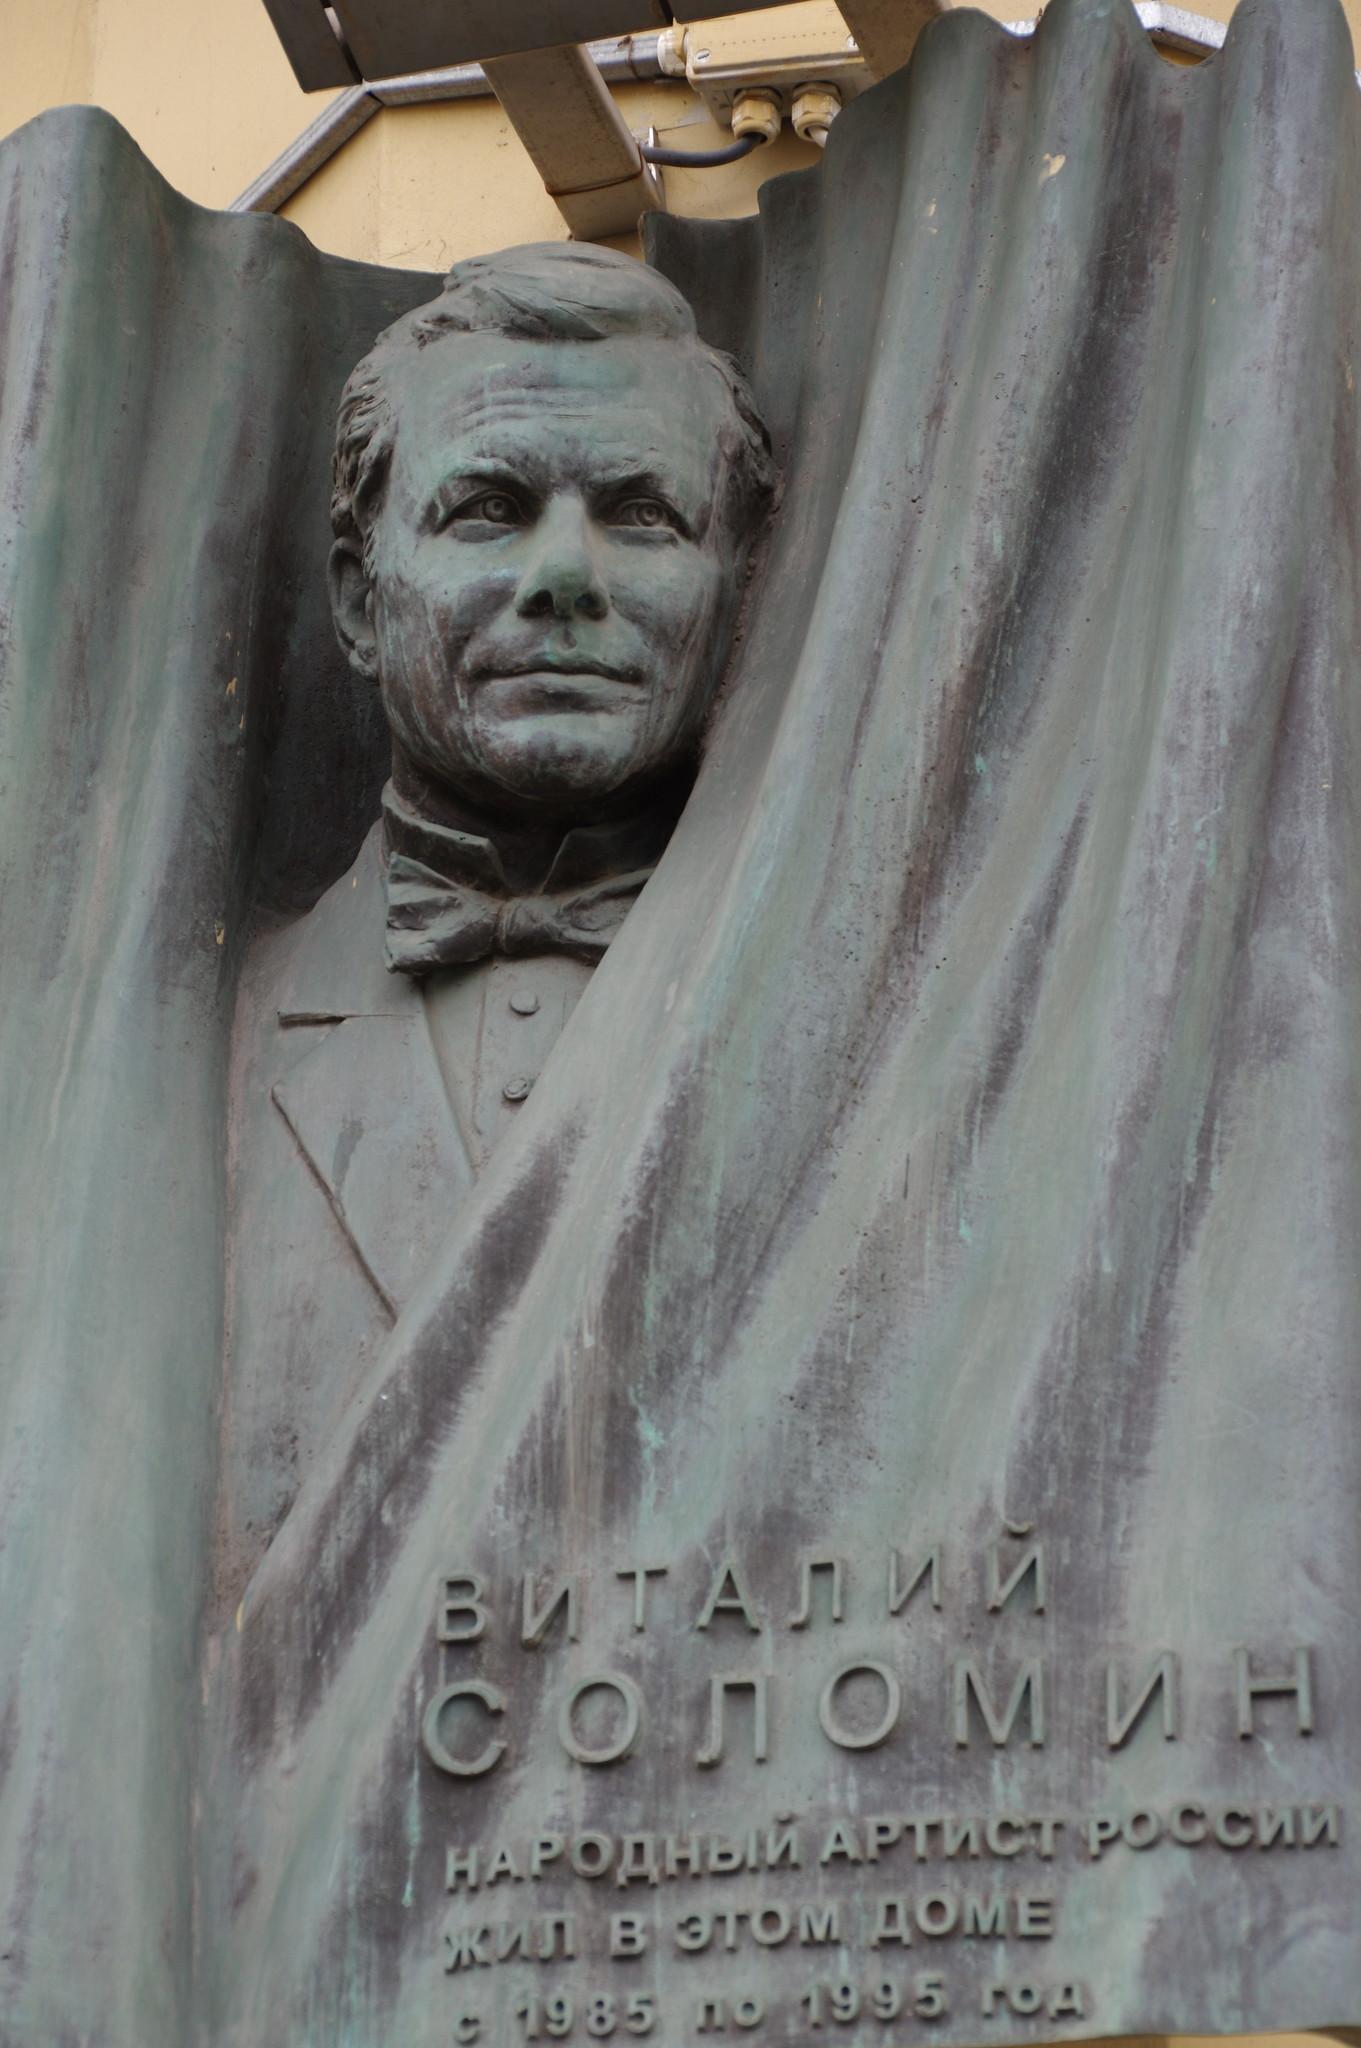 Мемориальная доска на фасаде дома №9 по Никитскому бульвару, где с 1985 по 1995 год жил Народный артист РСФСР Виталий Мефодьевич Соломин